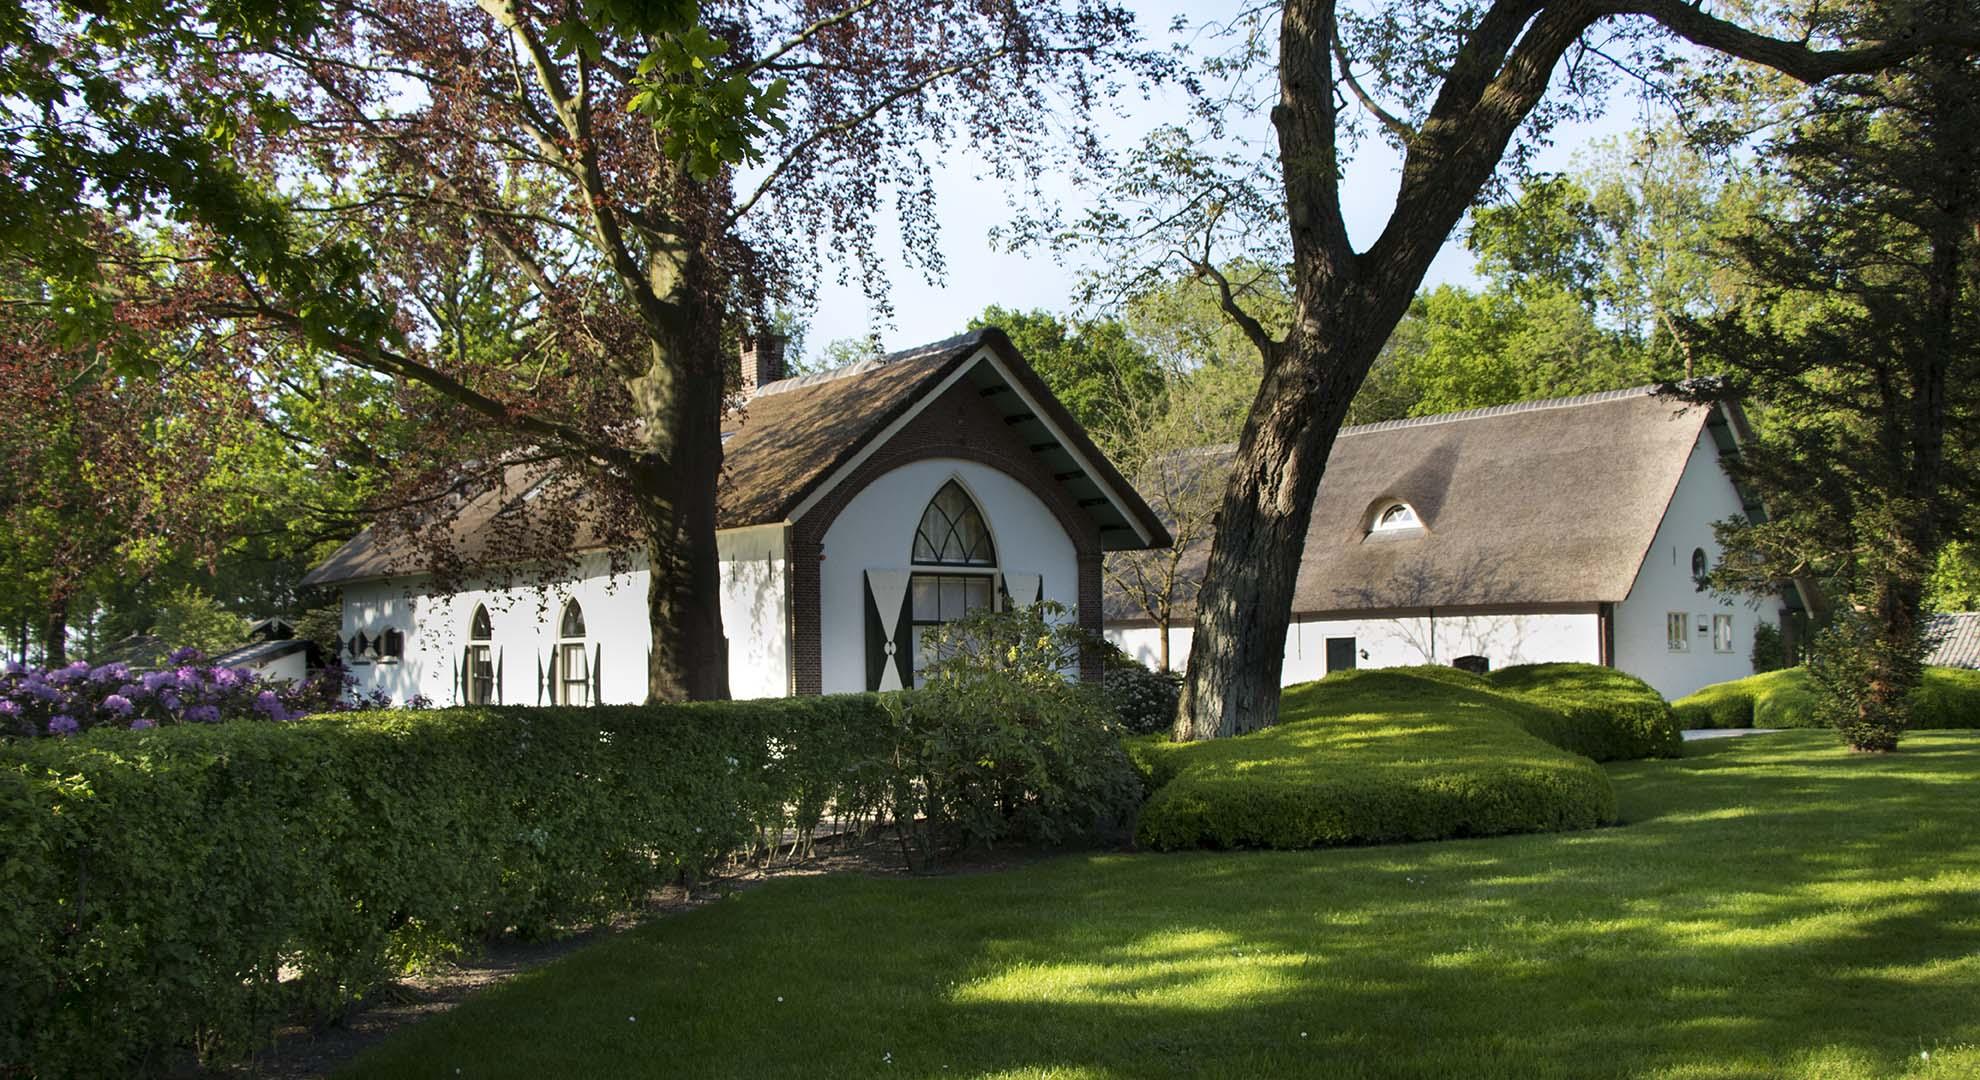 Boerderijtuin bij landgoed Woerden - Foto 4